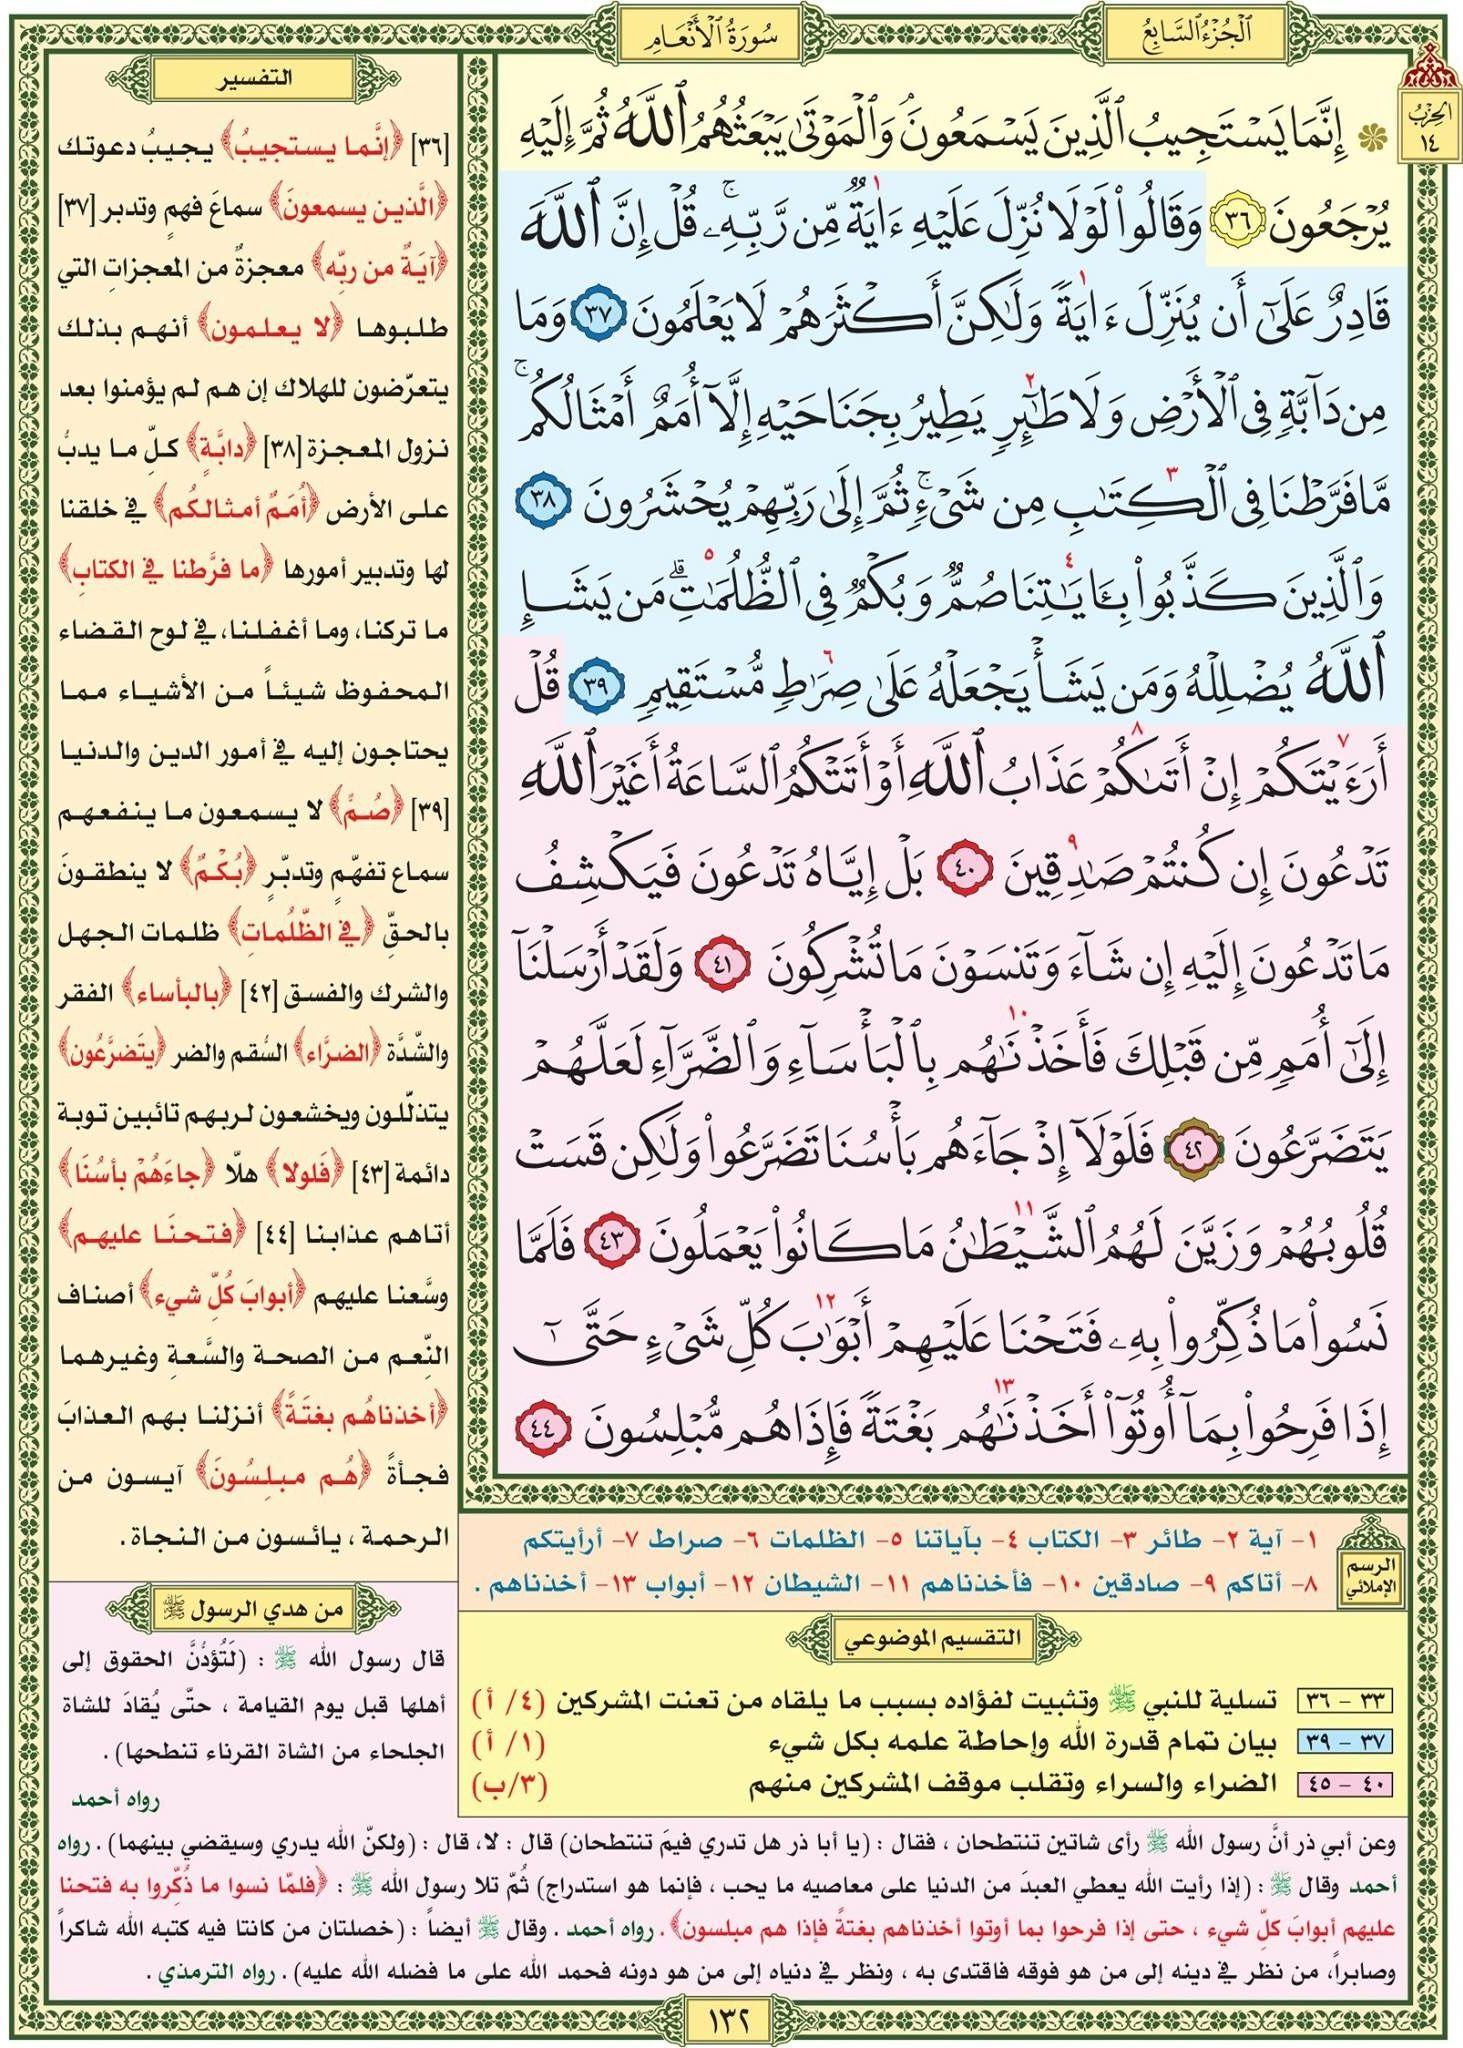 سورة الأنعام صفحة ١٣٢ مصحف التقسيم الموضوعي للحافظ المتقن Quran Verses Verses Quran